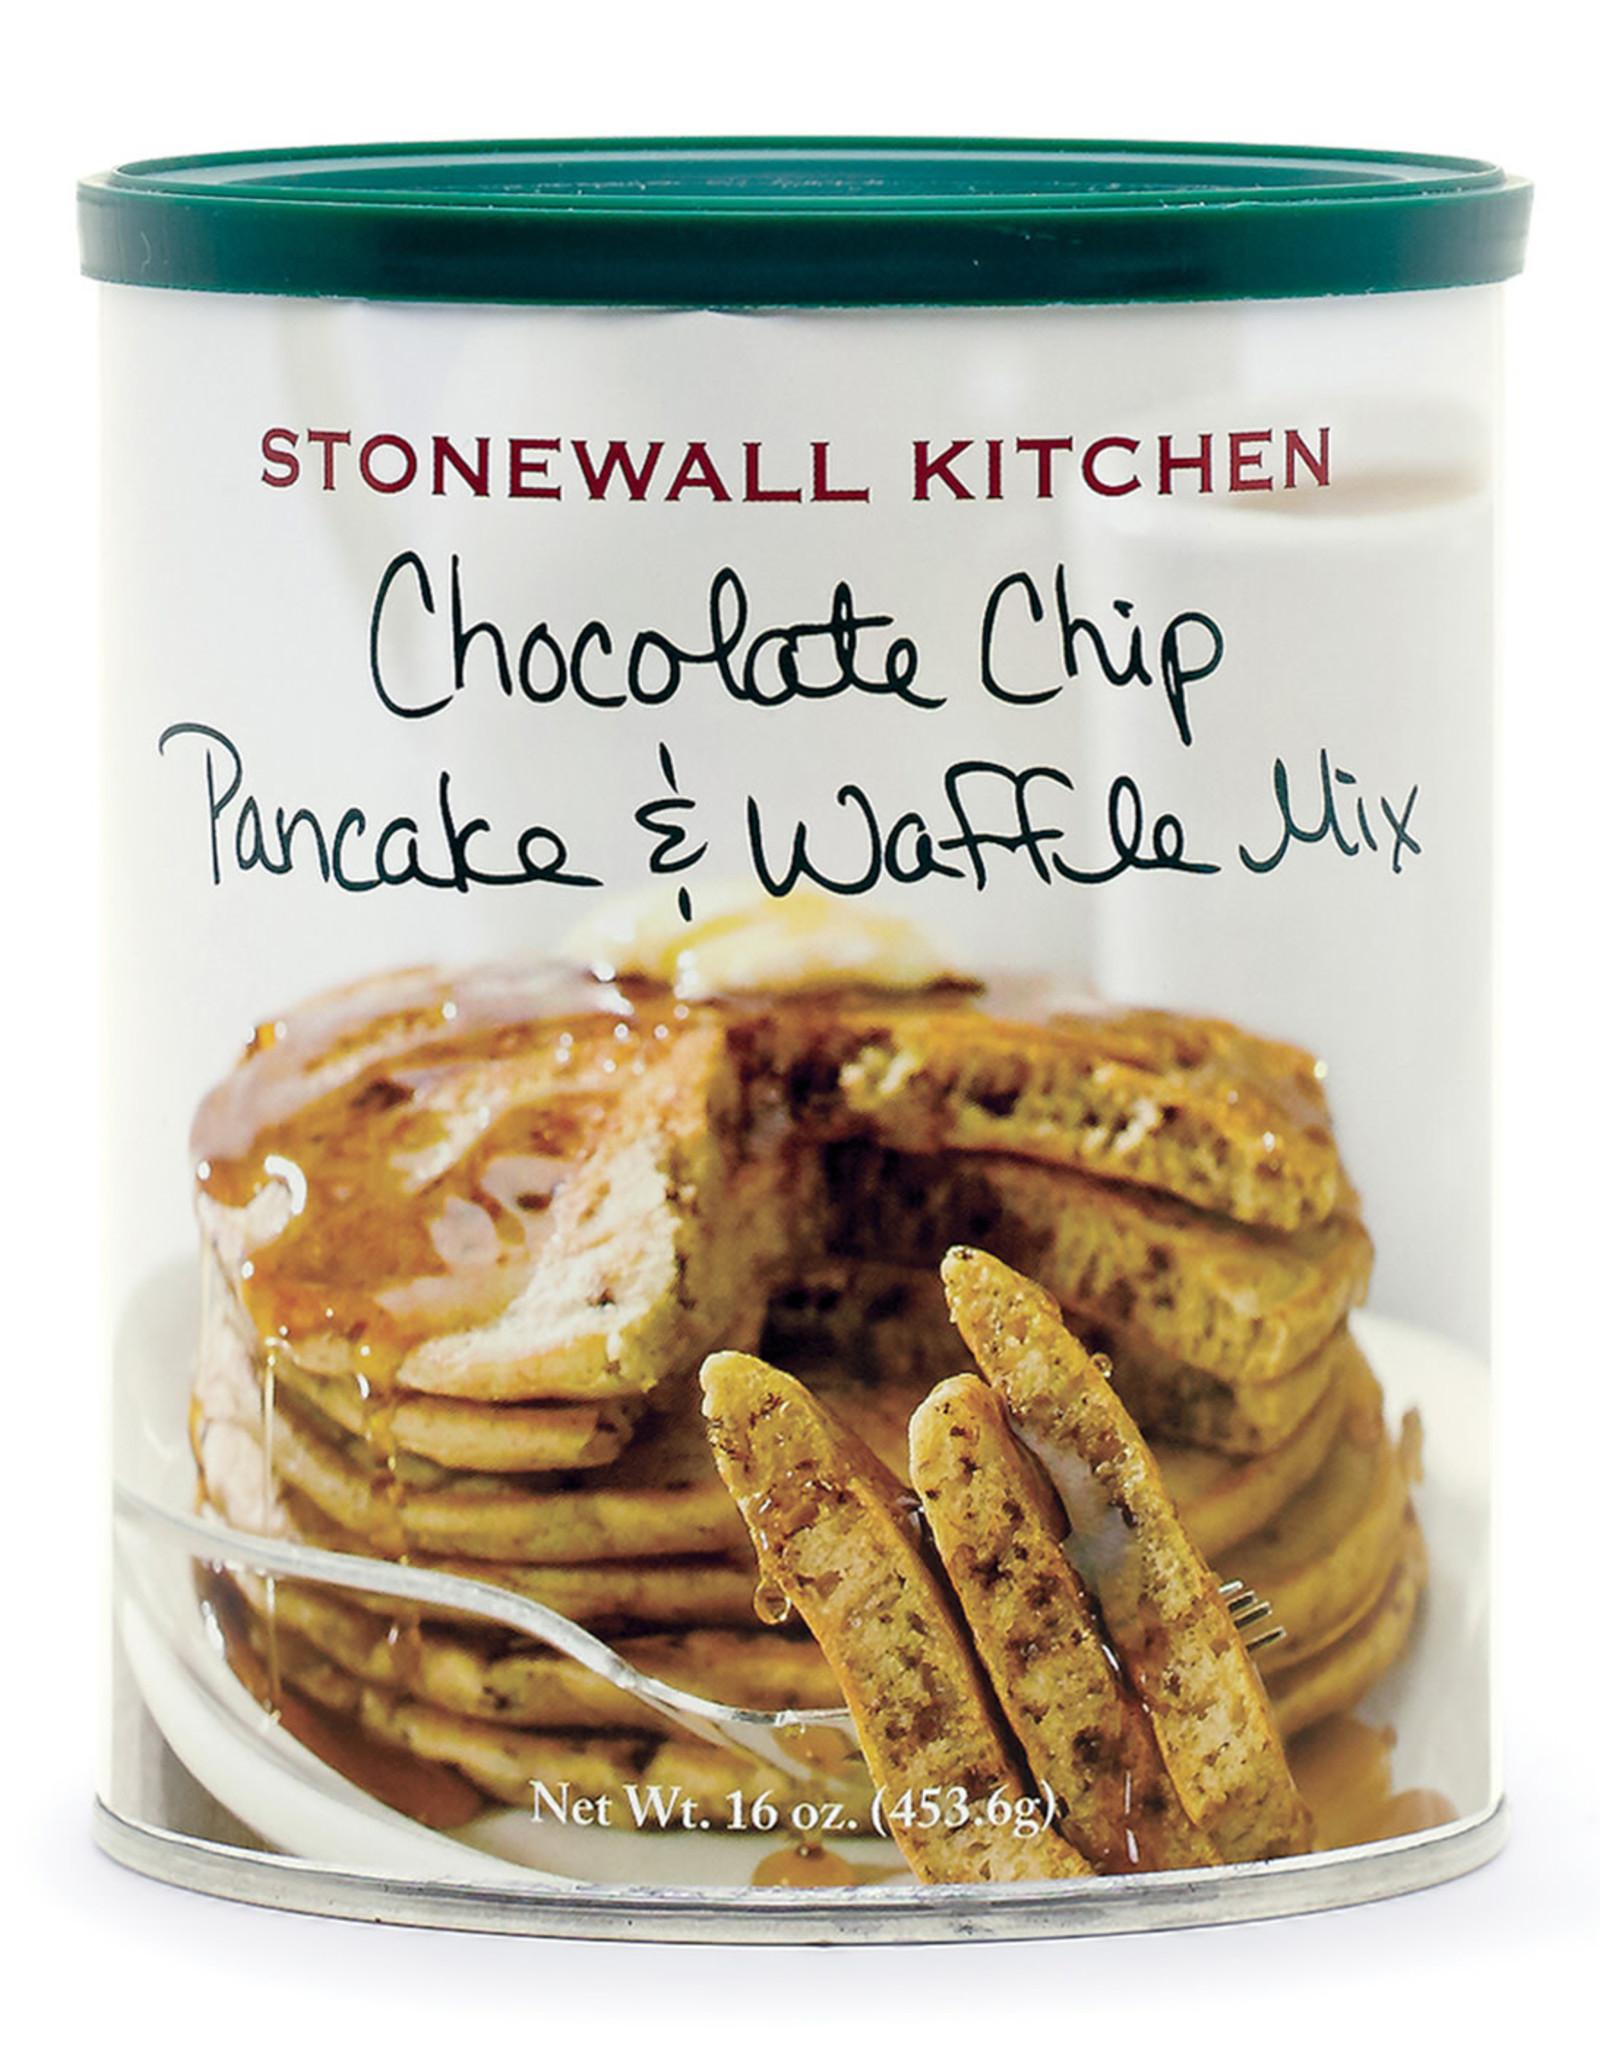 Stonewall Kitchen Chocolate Chip Pancake & Waffle Mix, 16 oz Can